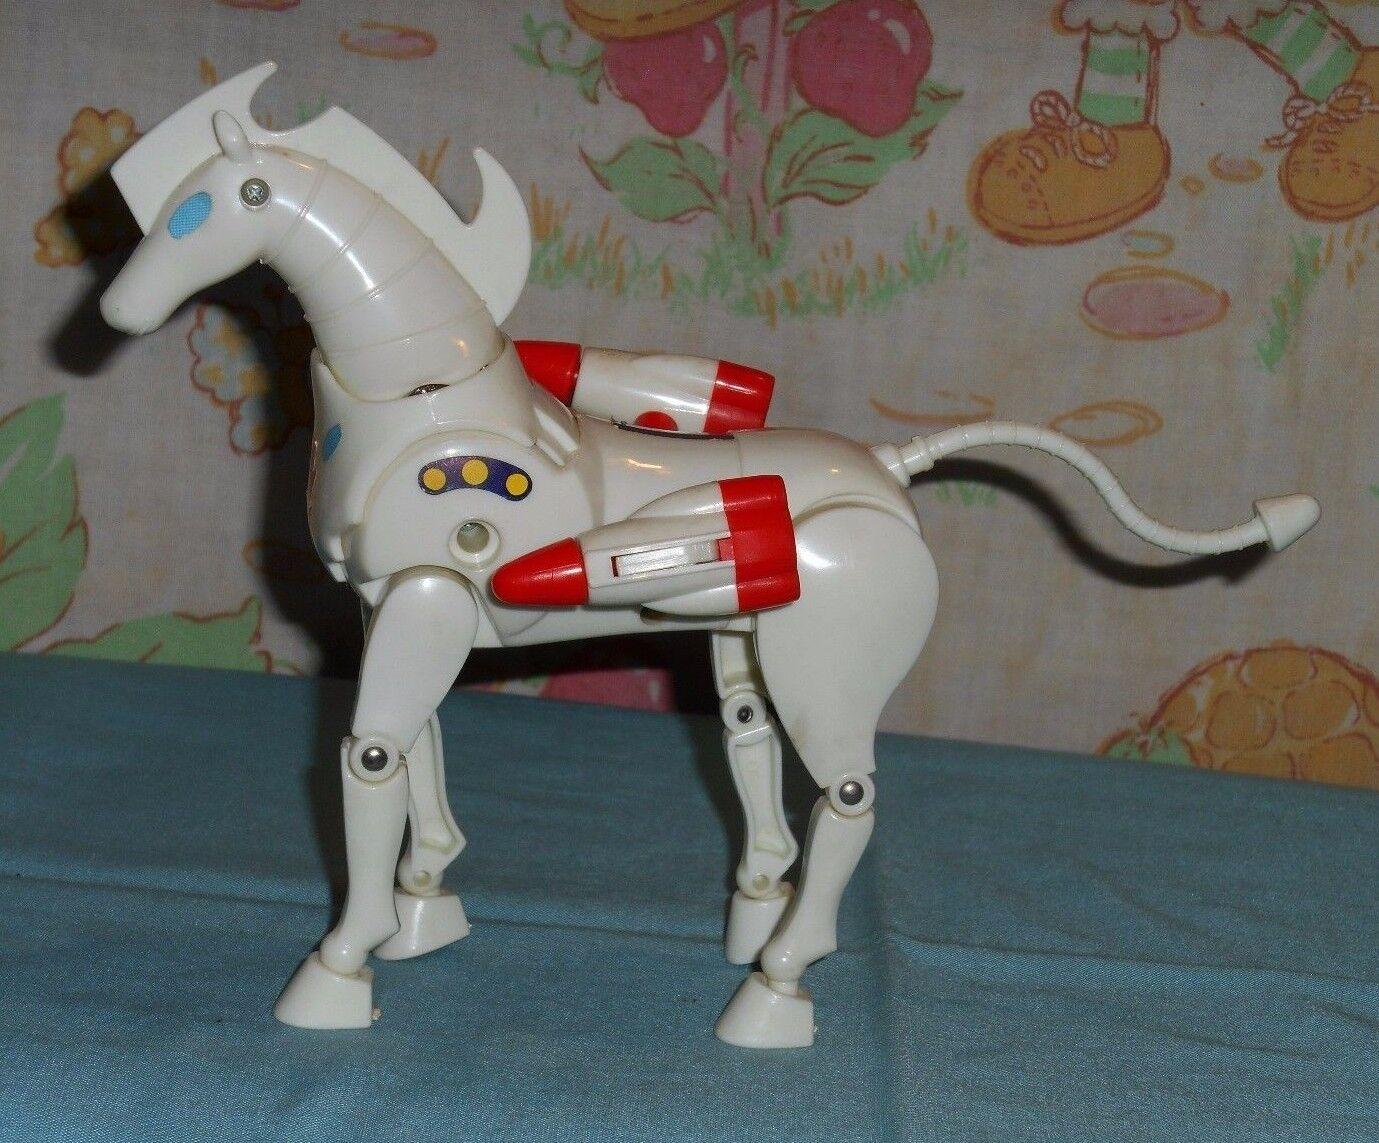 Jahrgang mego micronauts oberon pferd (selten aus japan version w   sicherheits - tipps)